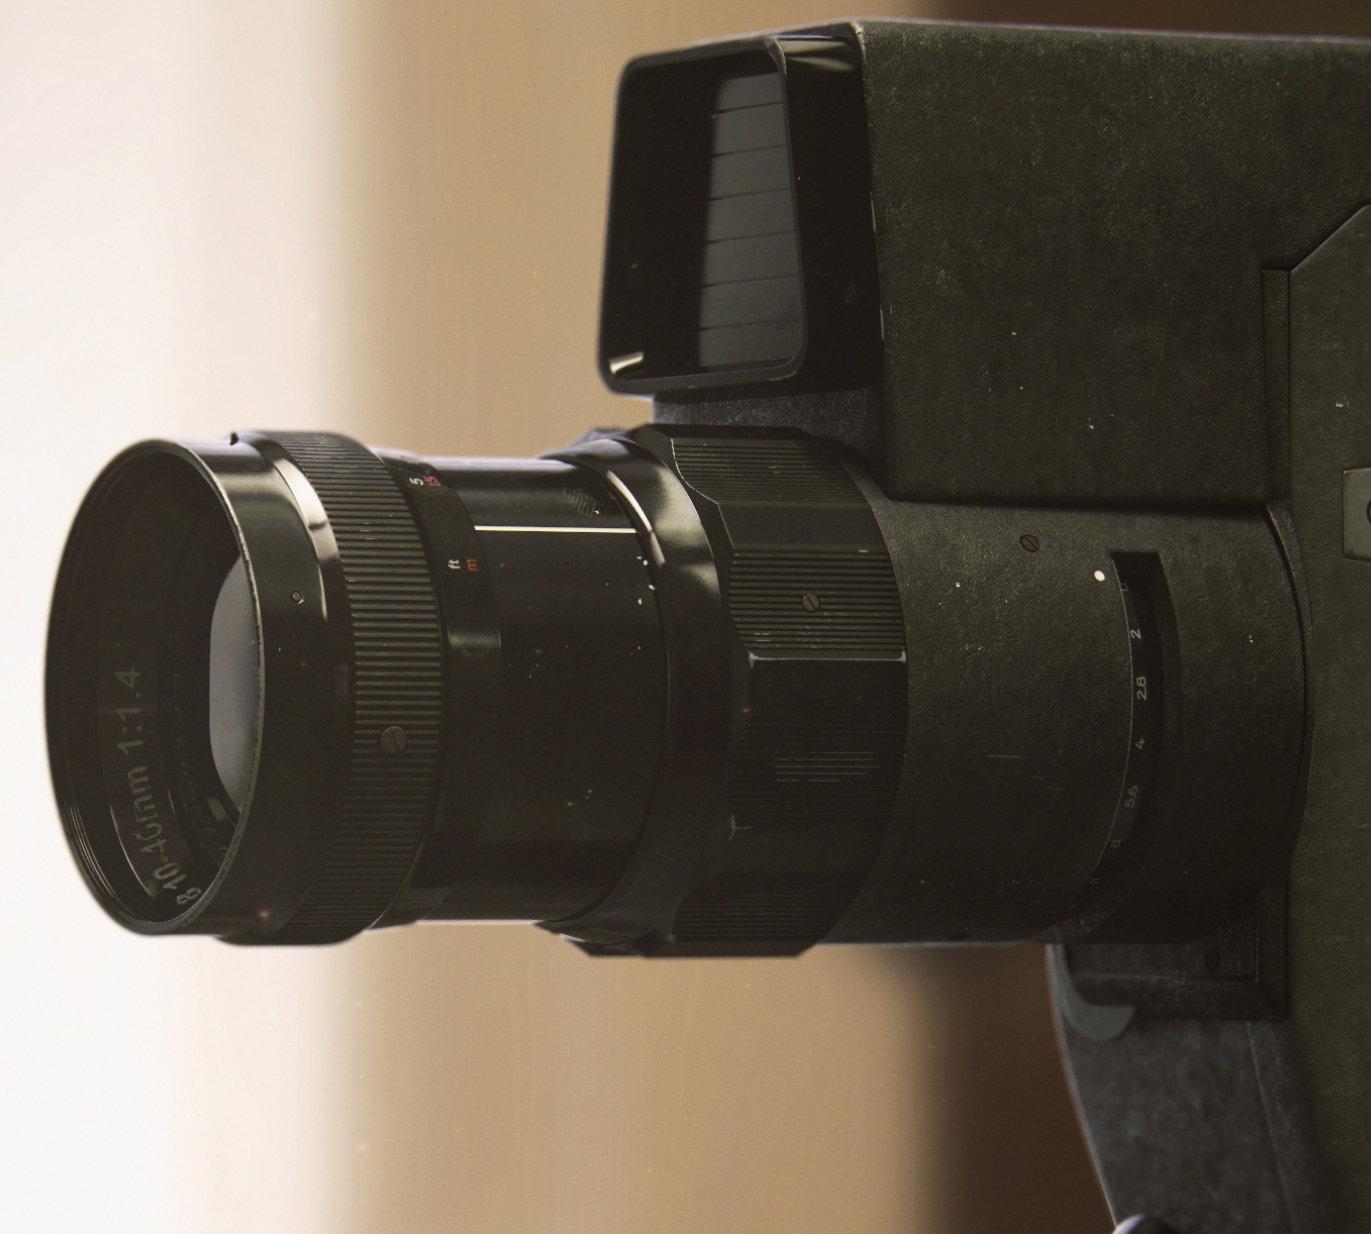 paul-h-paulino-canonzoom8-closeup-01.jpg?1436333045